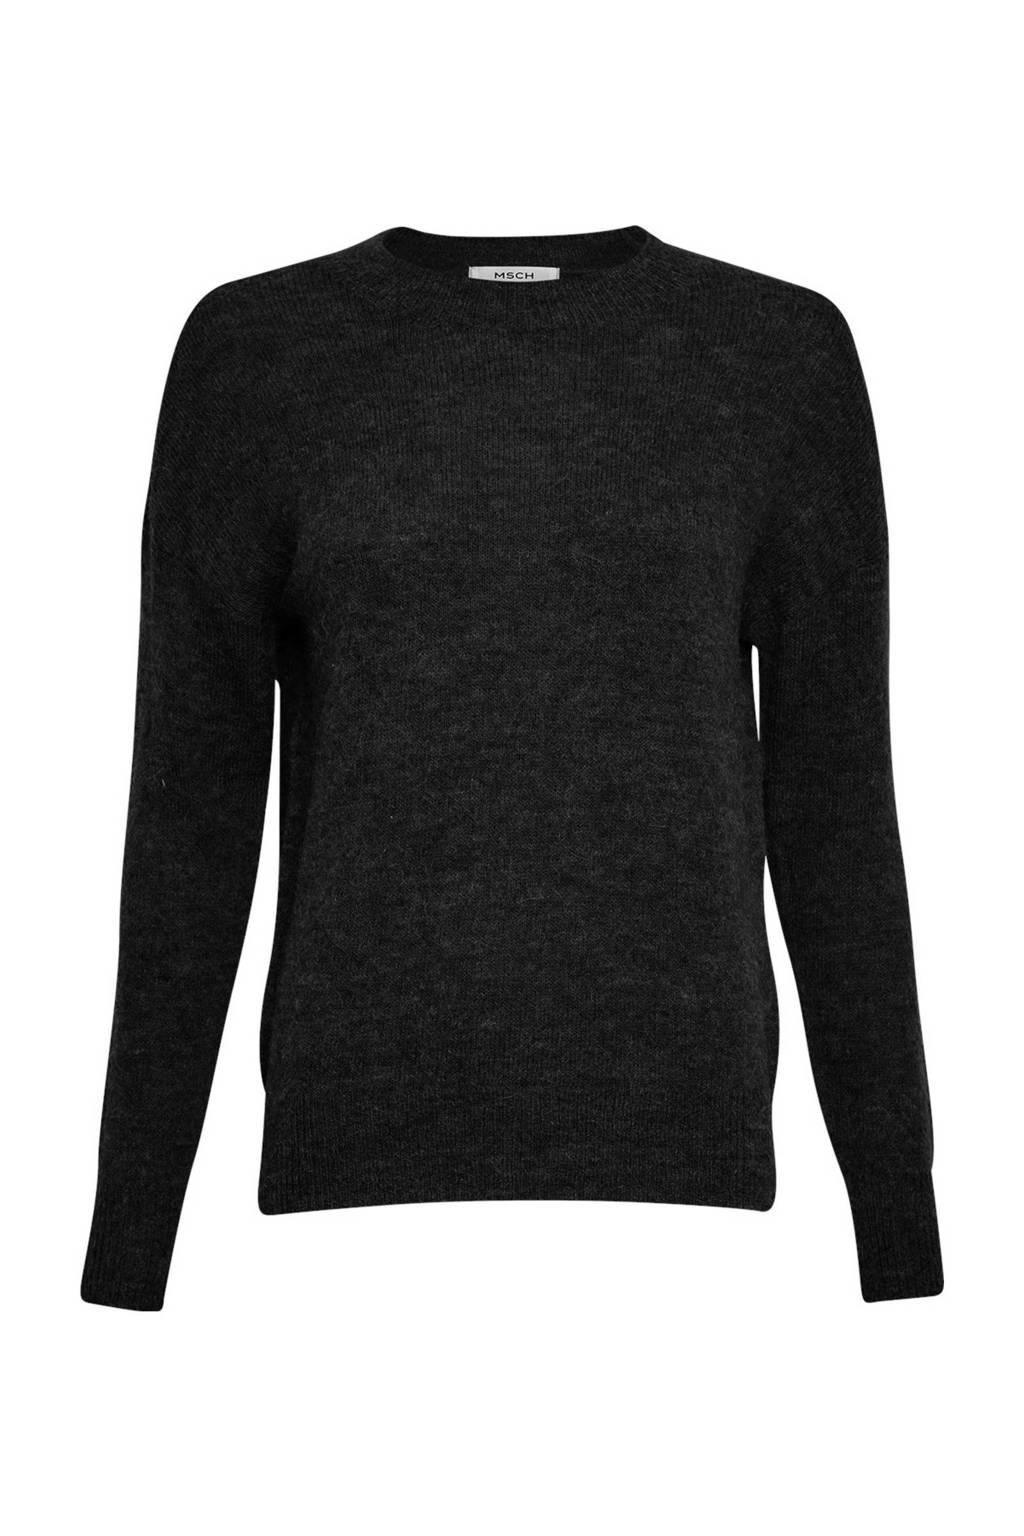 MSCH Copenhagen gemêleerde trui Femme Alpaca met wol zwart, Zwart